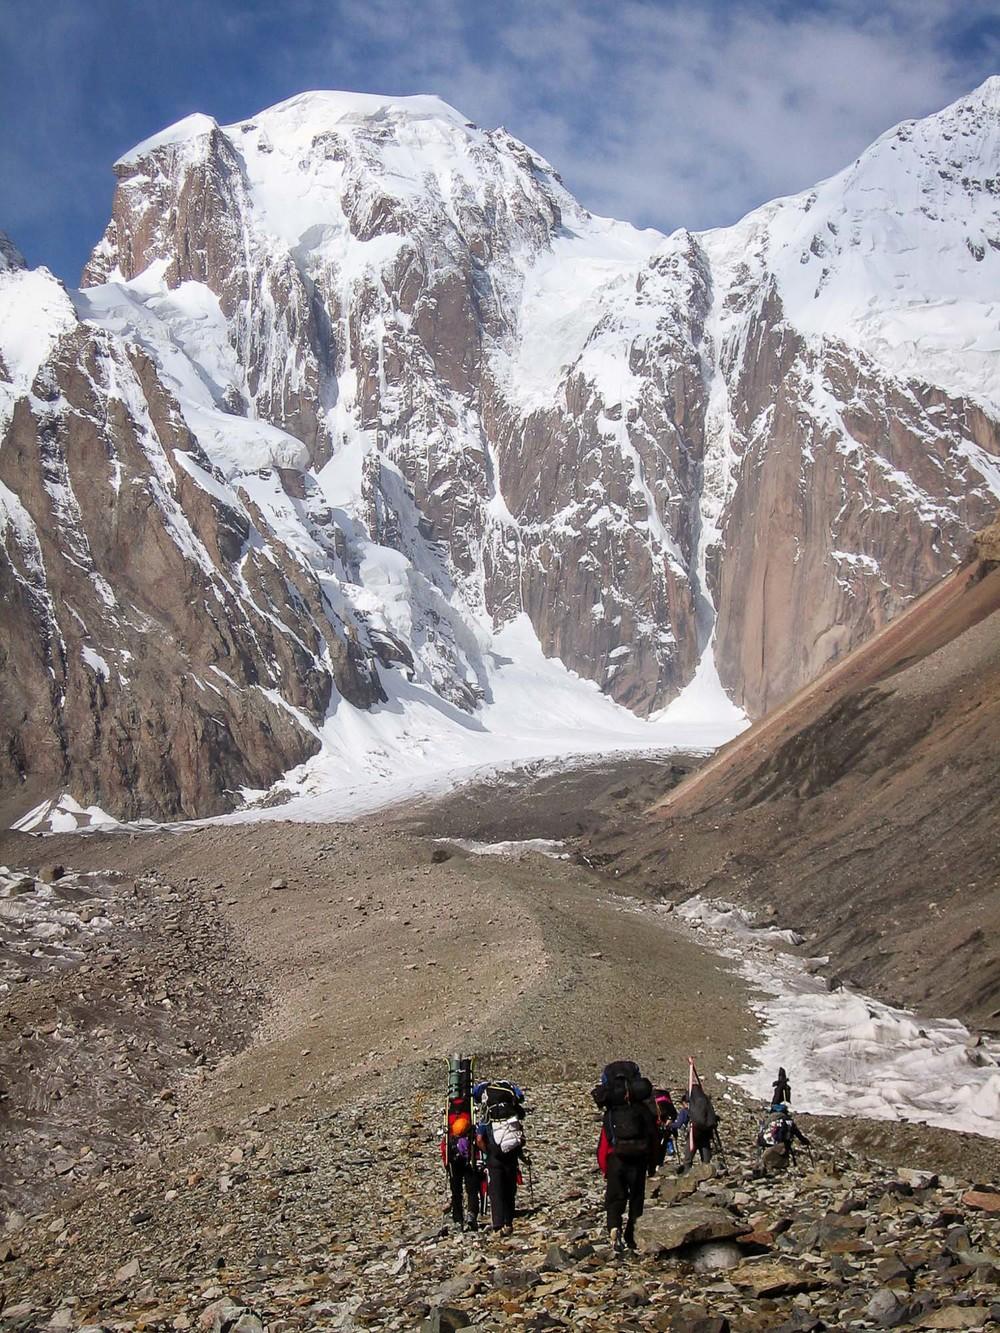 Triindvajset kilometrski dostopni marš do naprednega tabora na ledeniku (ABC).